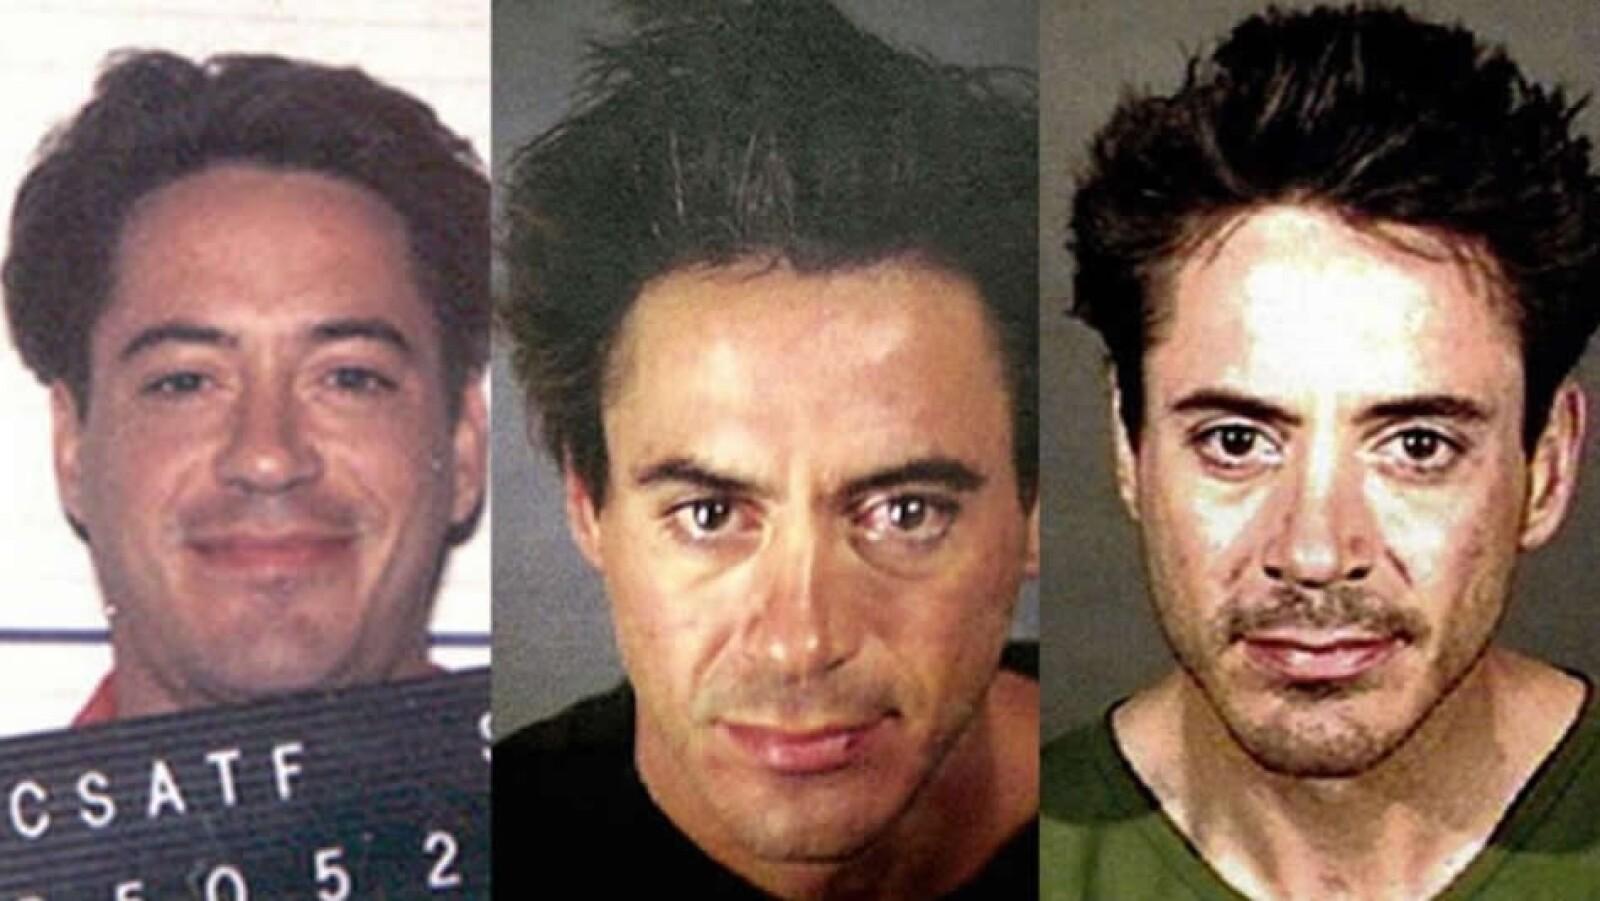 Los problemas de drogradicción de Robert Downey Jr.